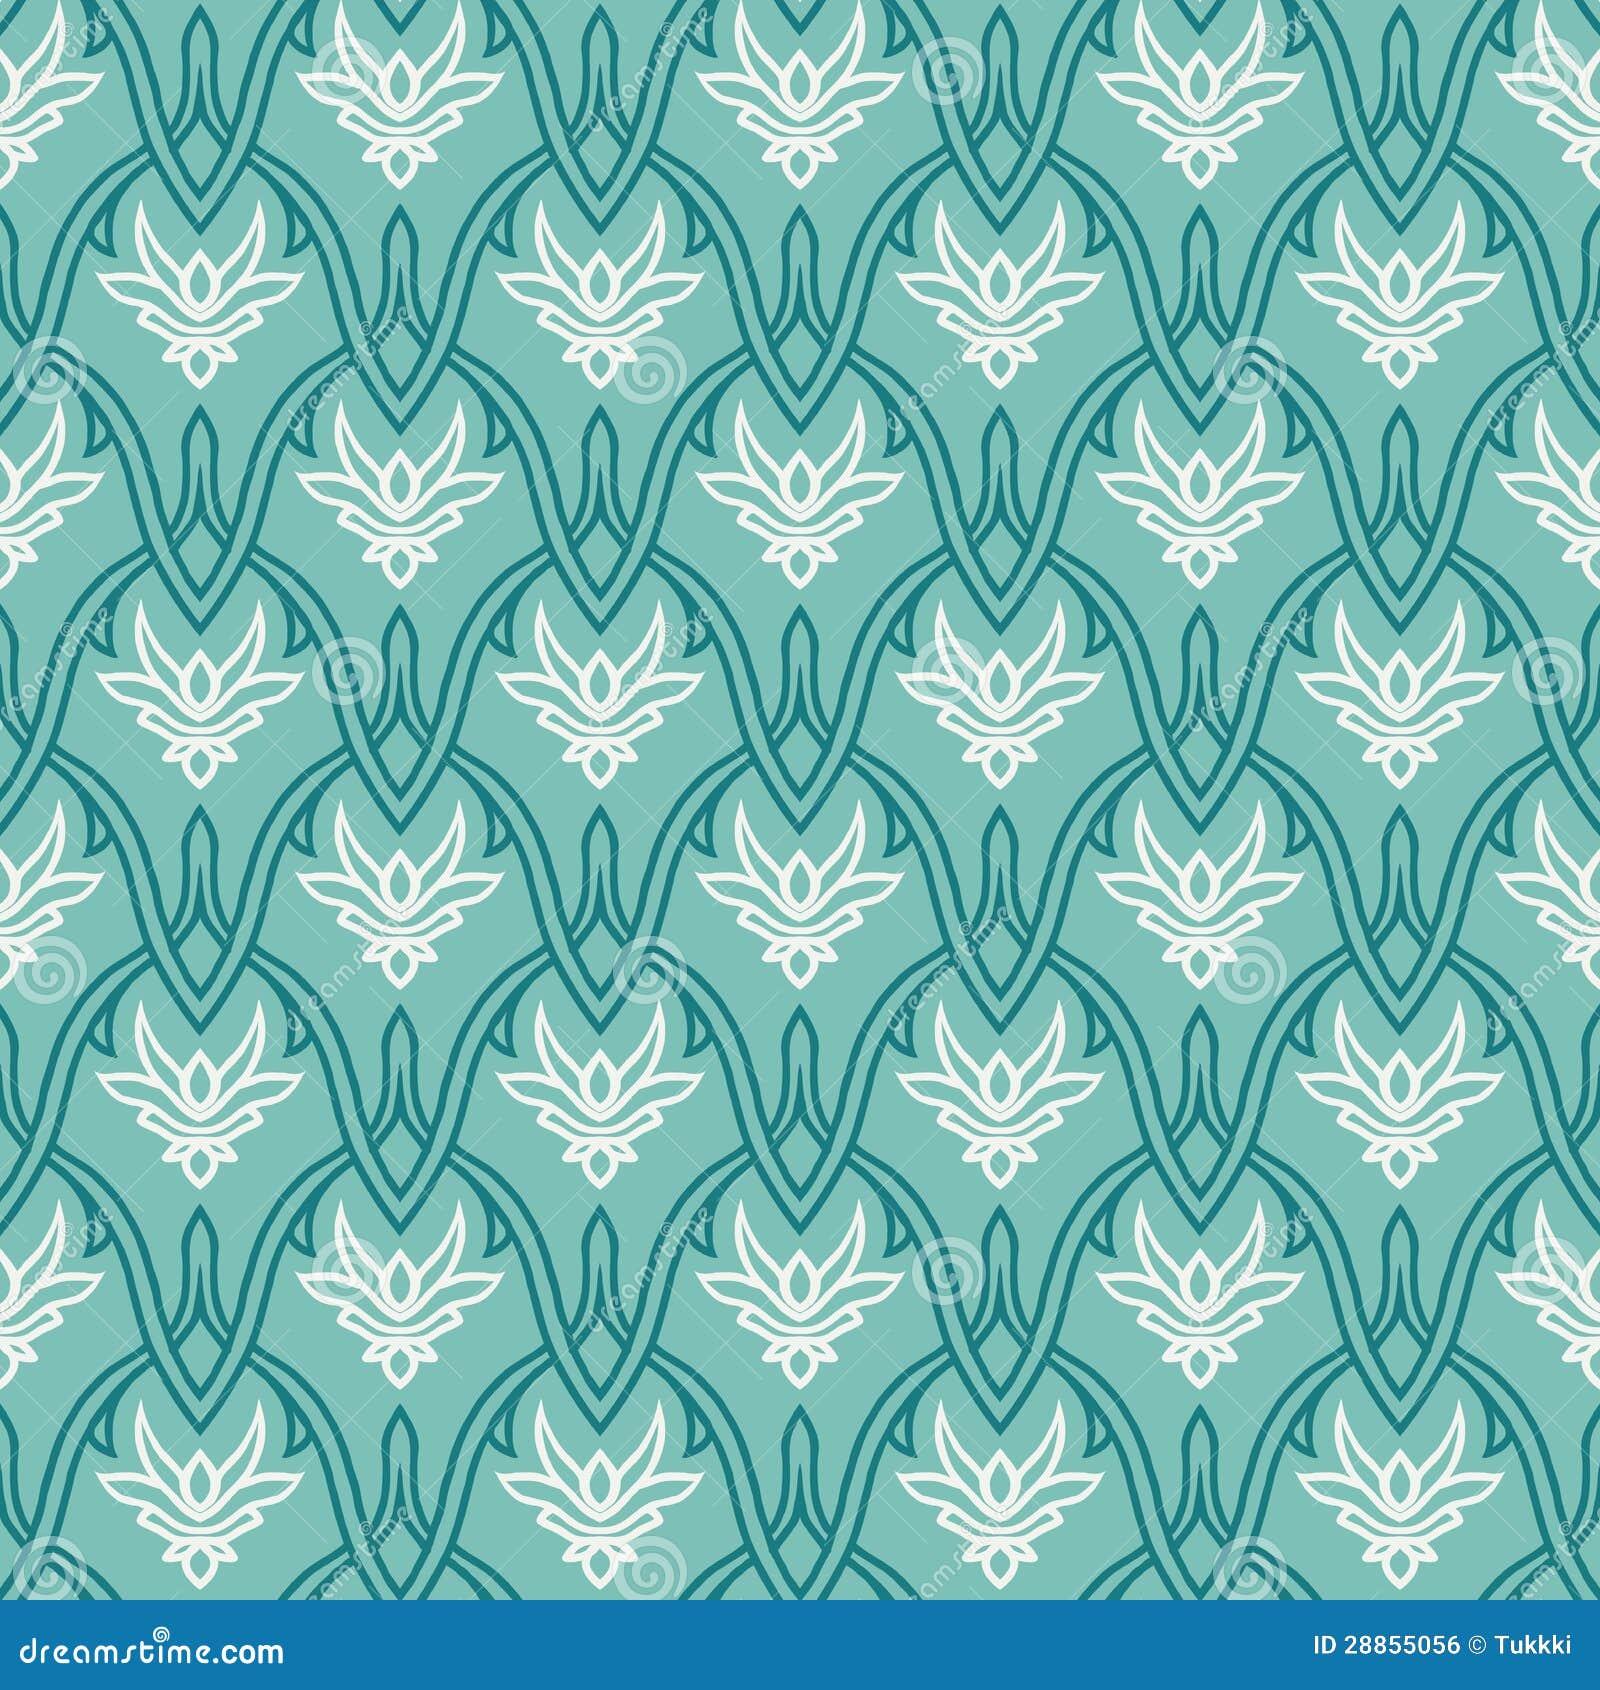 Εκλεκτής ποιότητας πρότυπο με damask τη διακόσμηση, άνευ ραφής